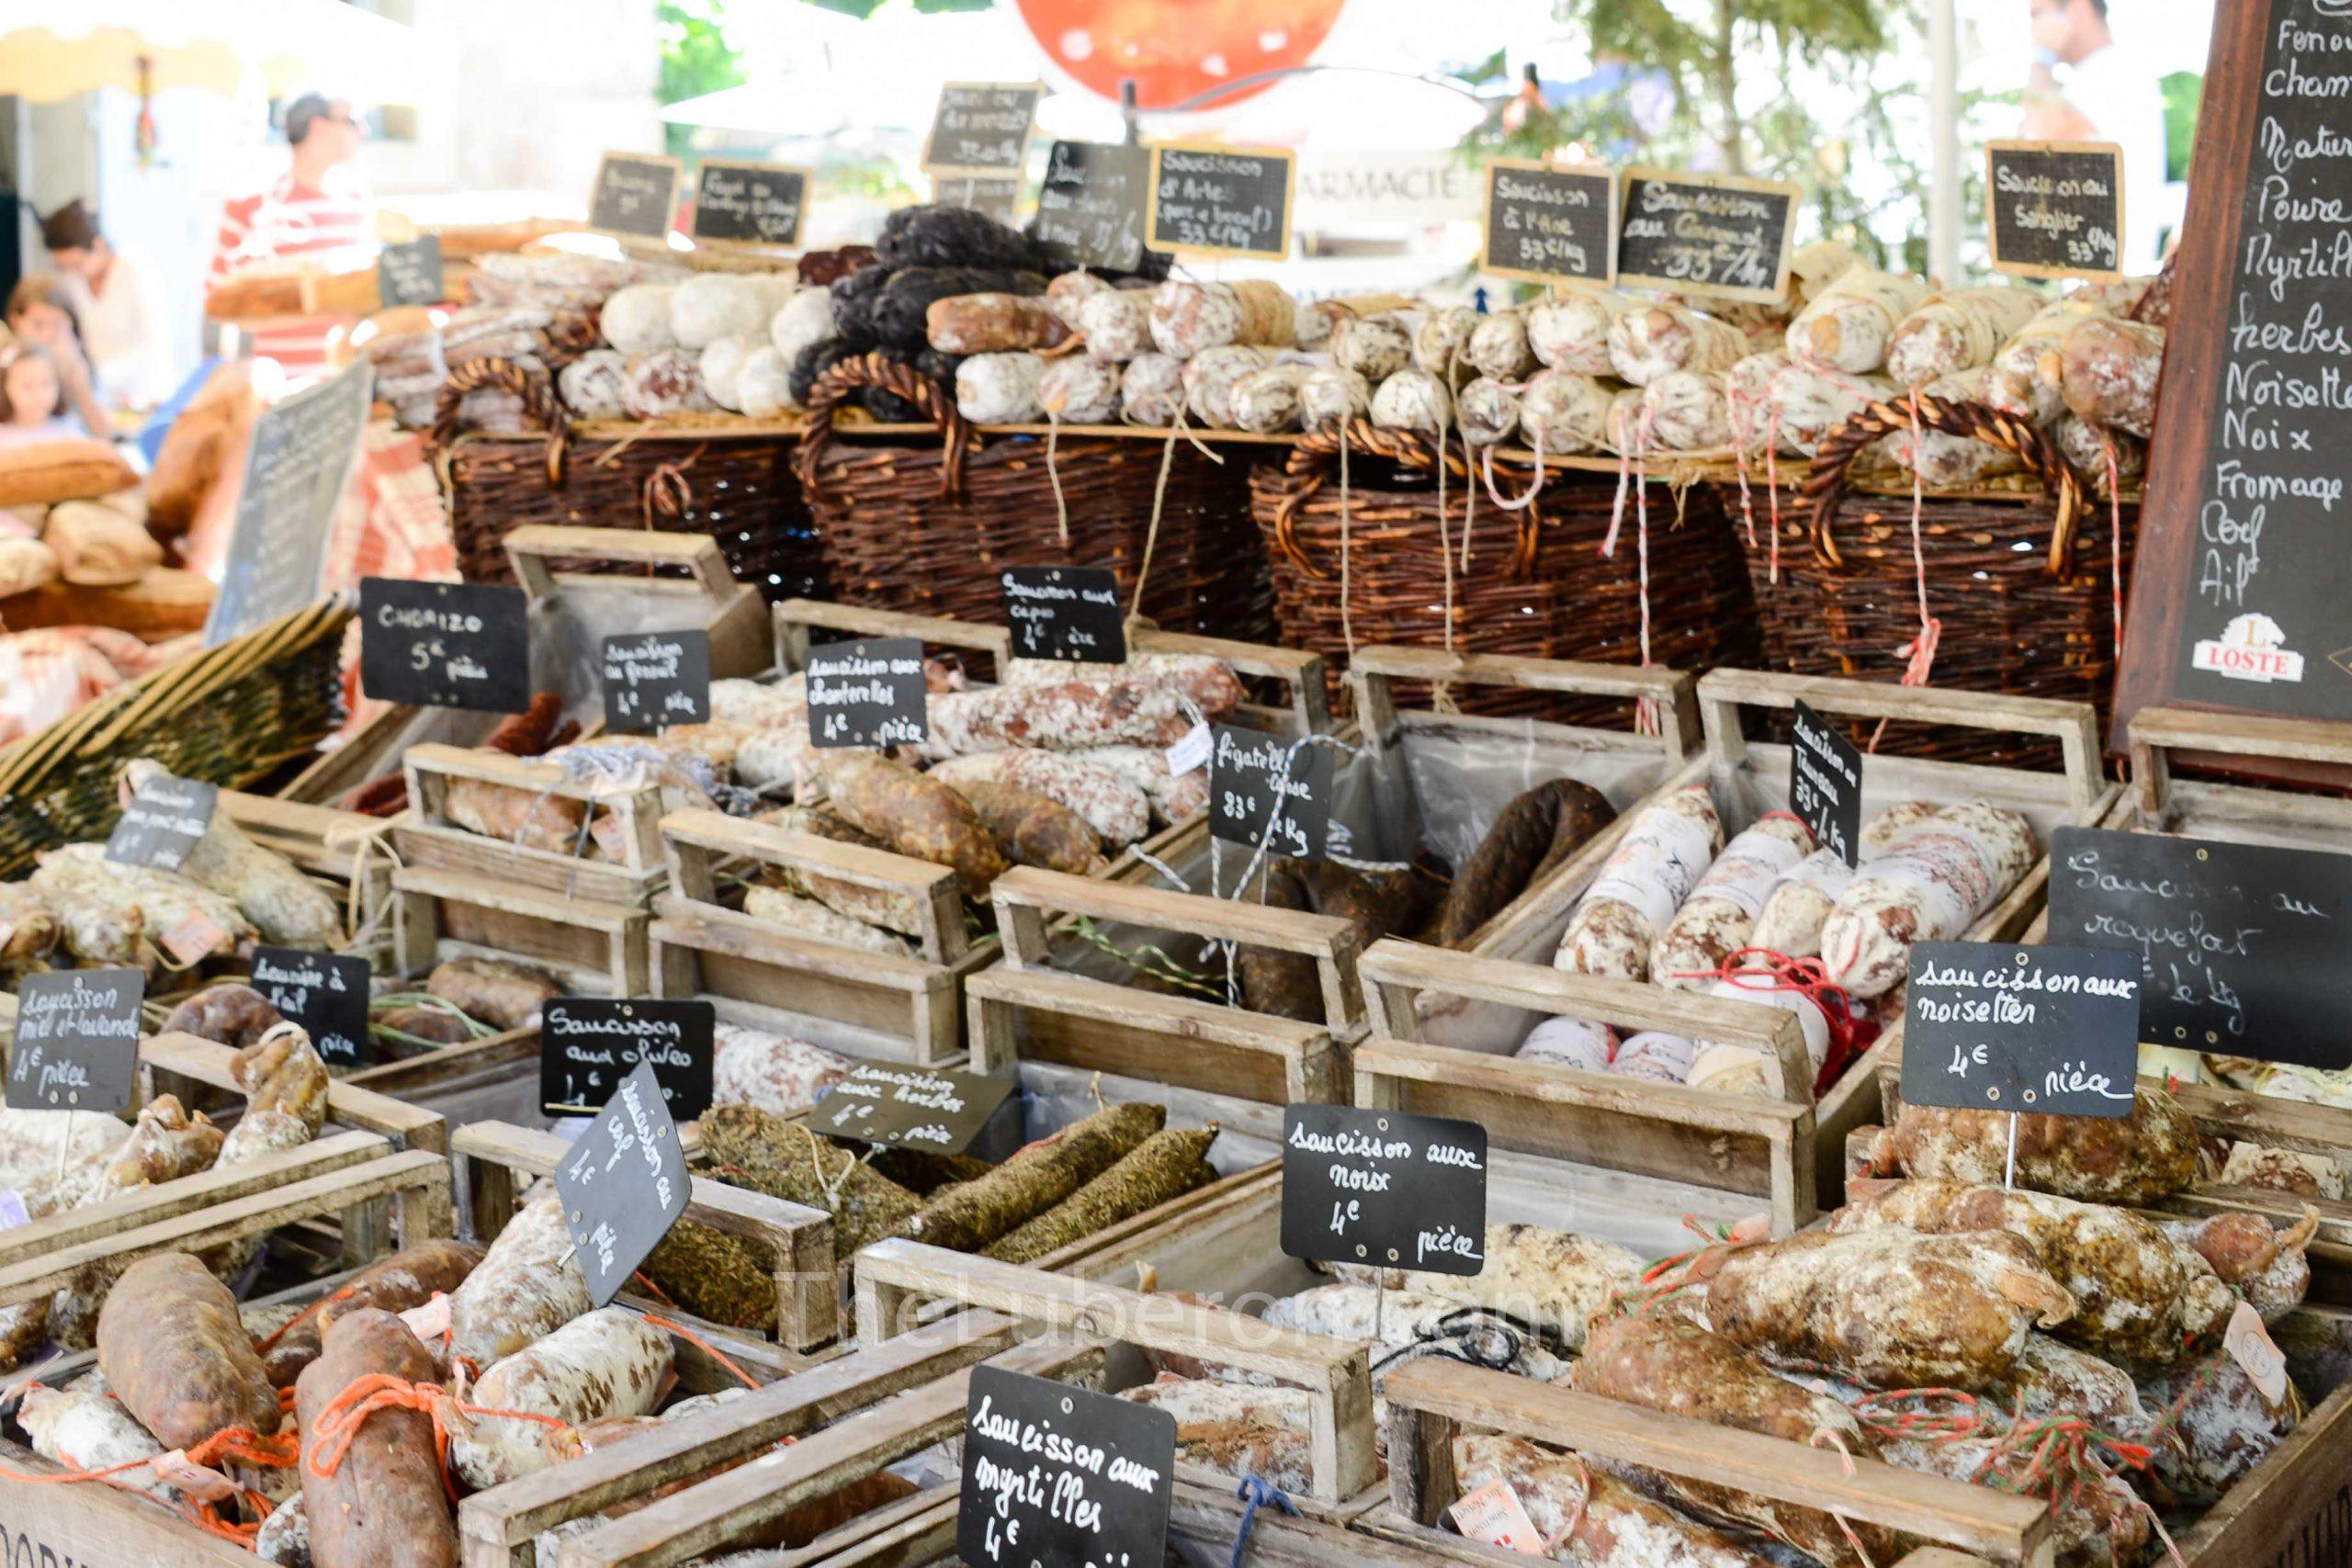 Saucisson stall at Lourmarin market